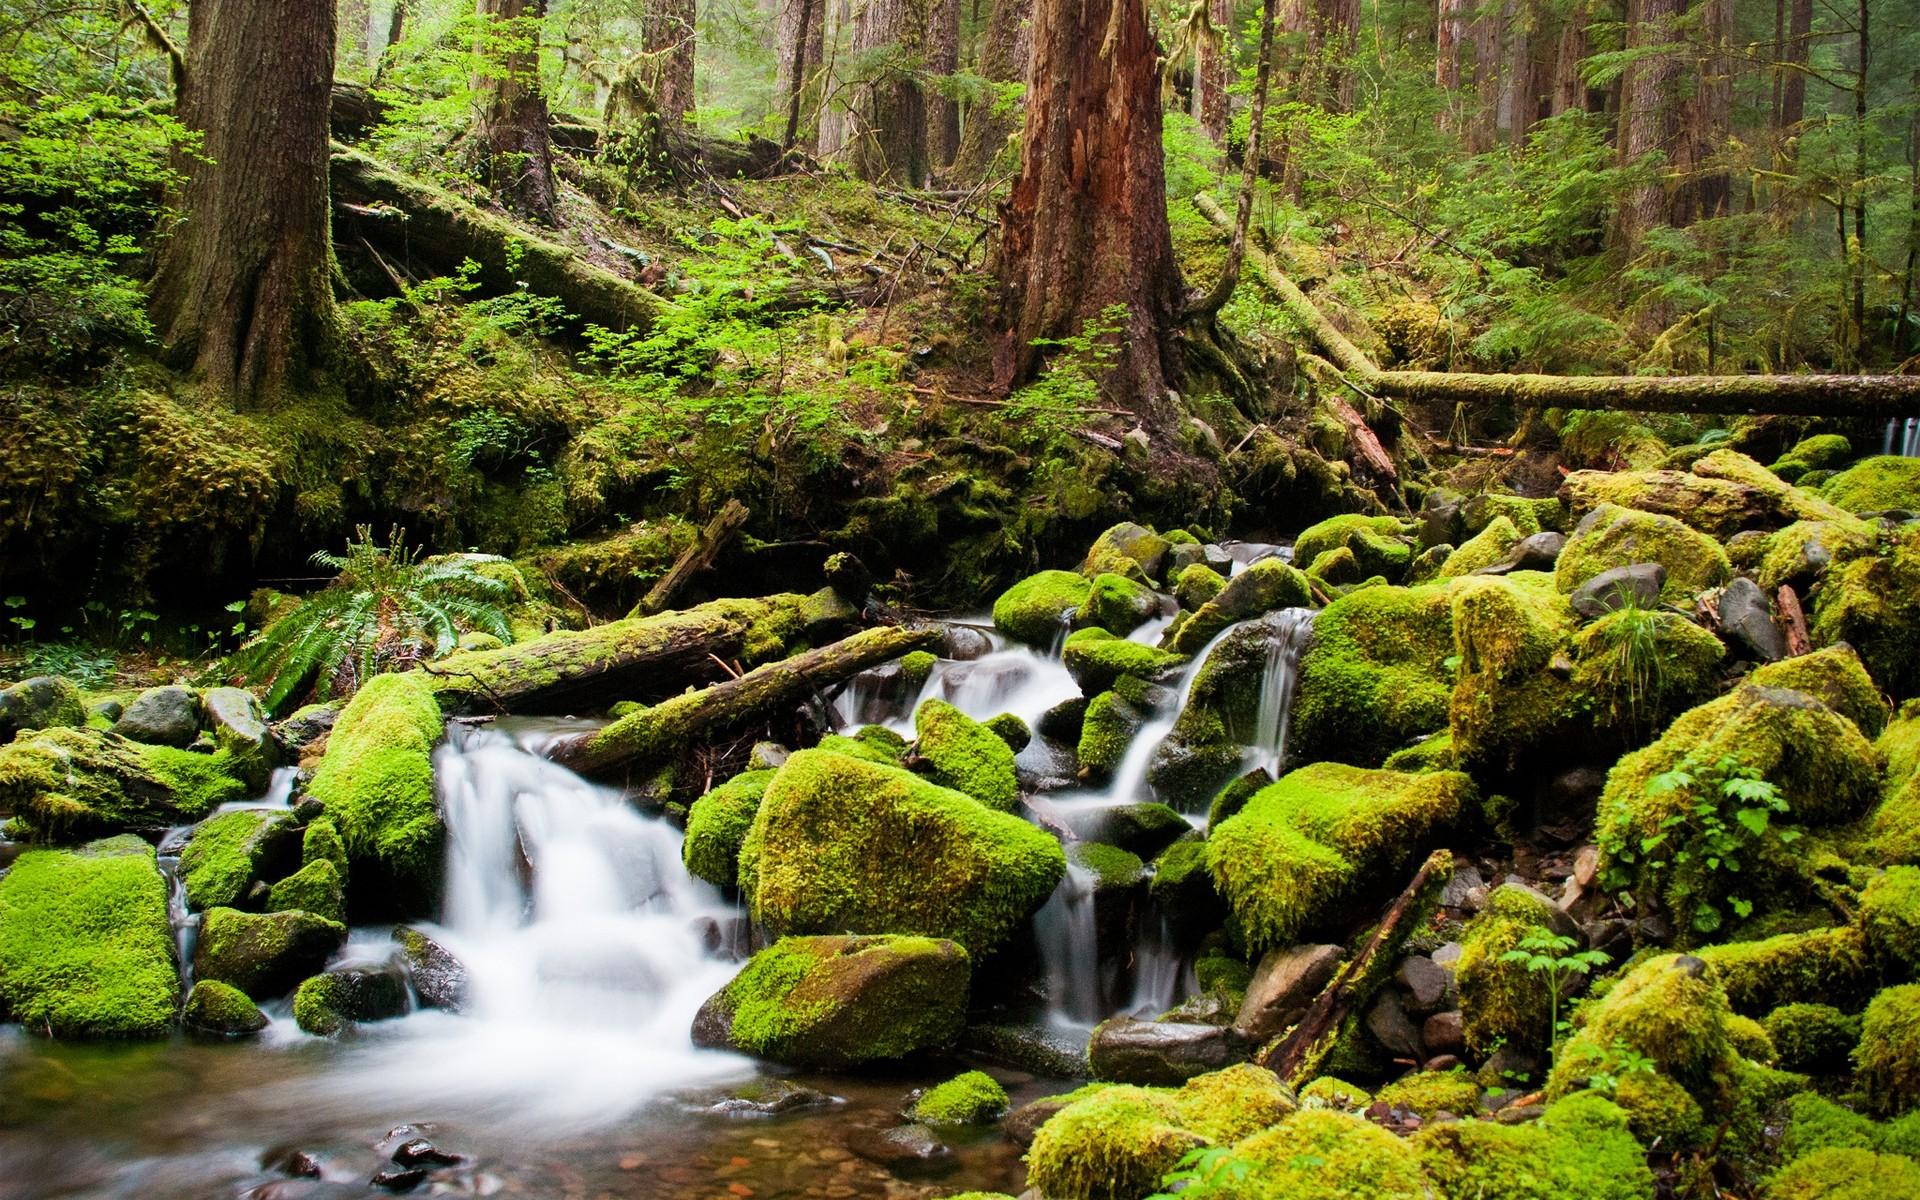 природа камни река деревья nature stones river trees скачать